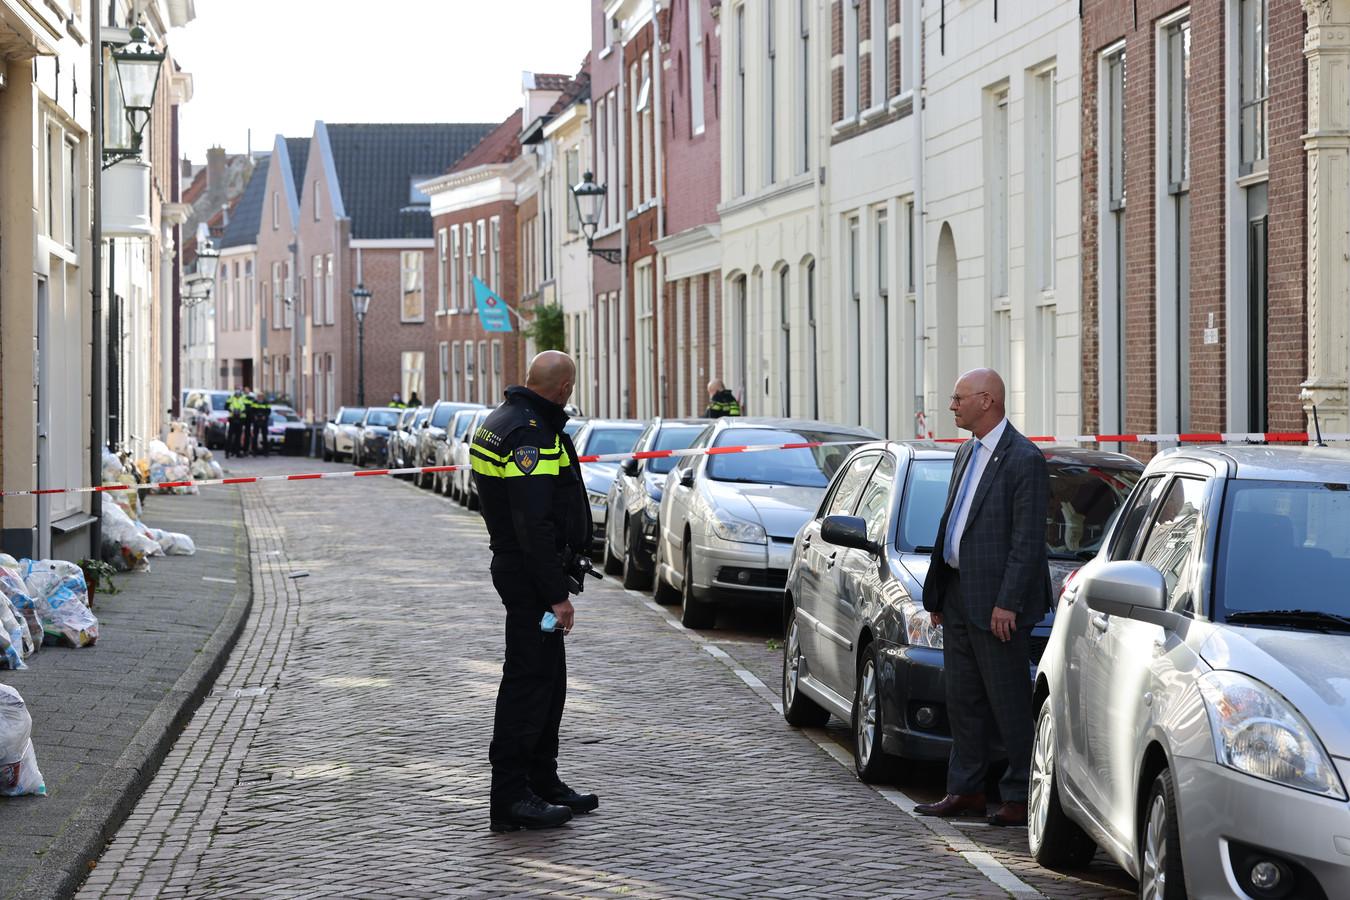 Burgemeester Bort Koelewijn van Kampen (rechts) pleit samen met de burgemeesters van Zwartewaterland, Steenwijkerland en Staphorst voor meer politiecapaciteit in de regio IJsselland - Noord. Volgens Koelewijn staat de bezetting teveel onder druk.